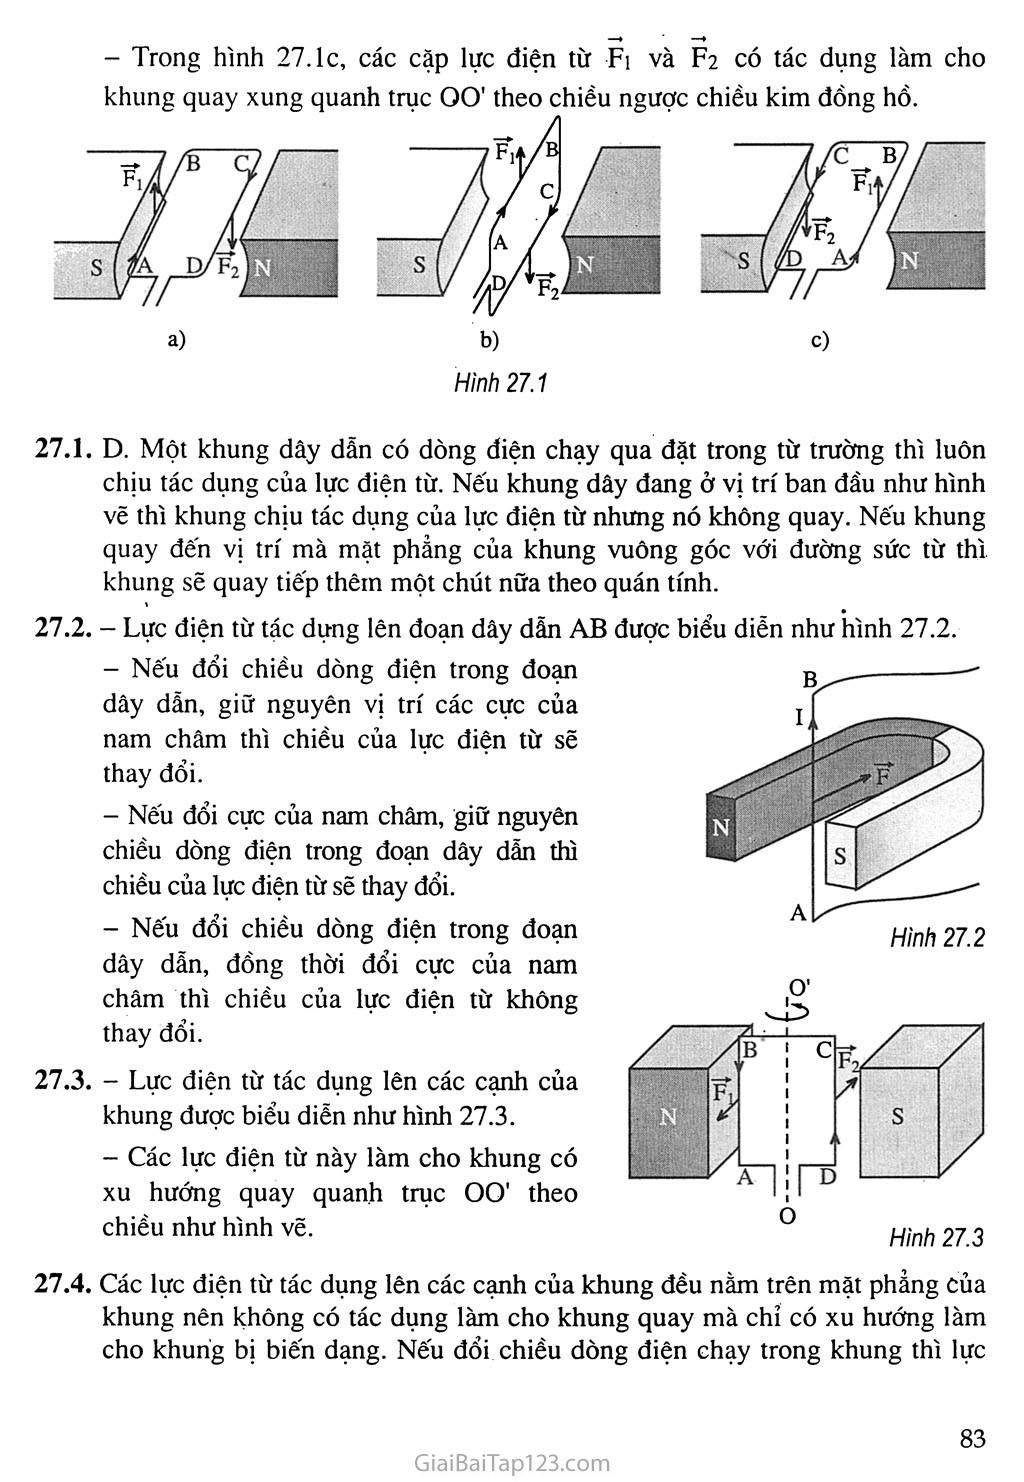 Bài 27: Lực điện từ trang 2